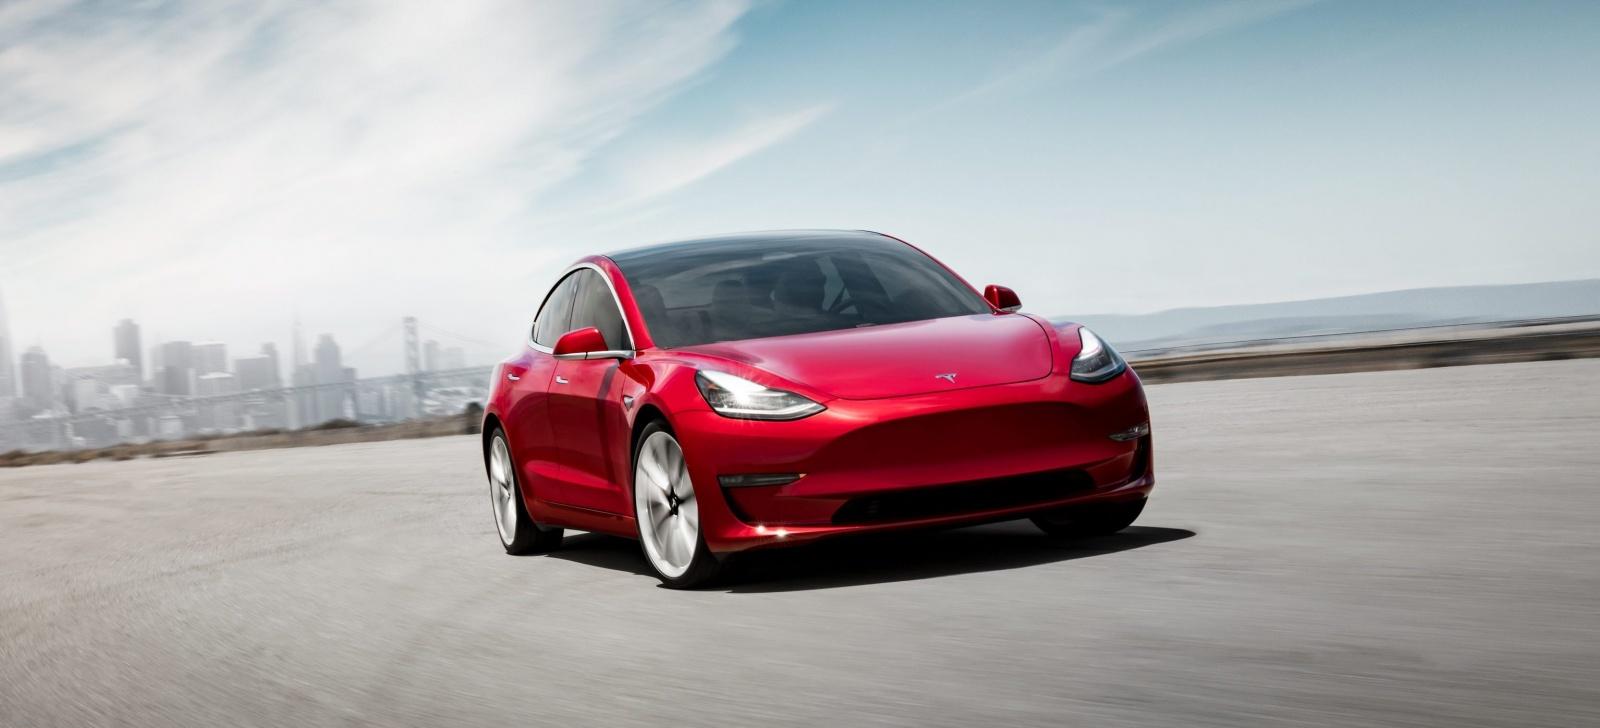 Tesla открыла предзаказы на Model 3 в Европе и Китае - 1